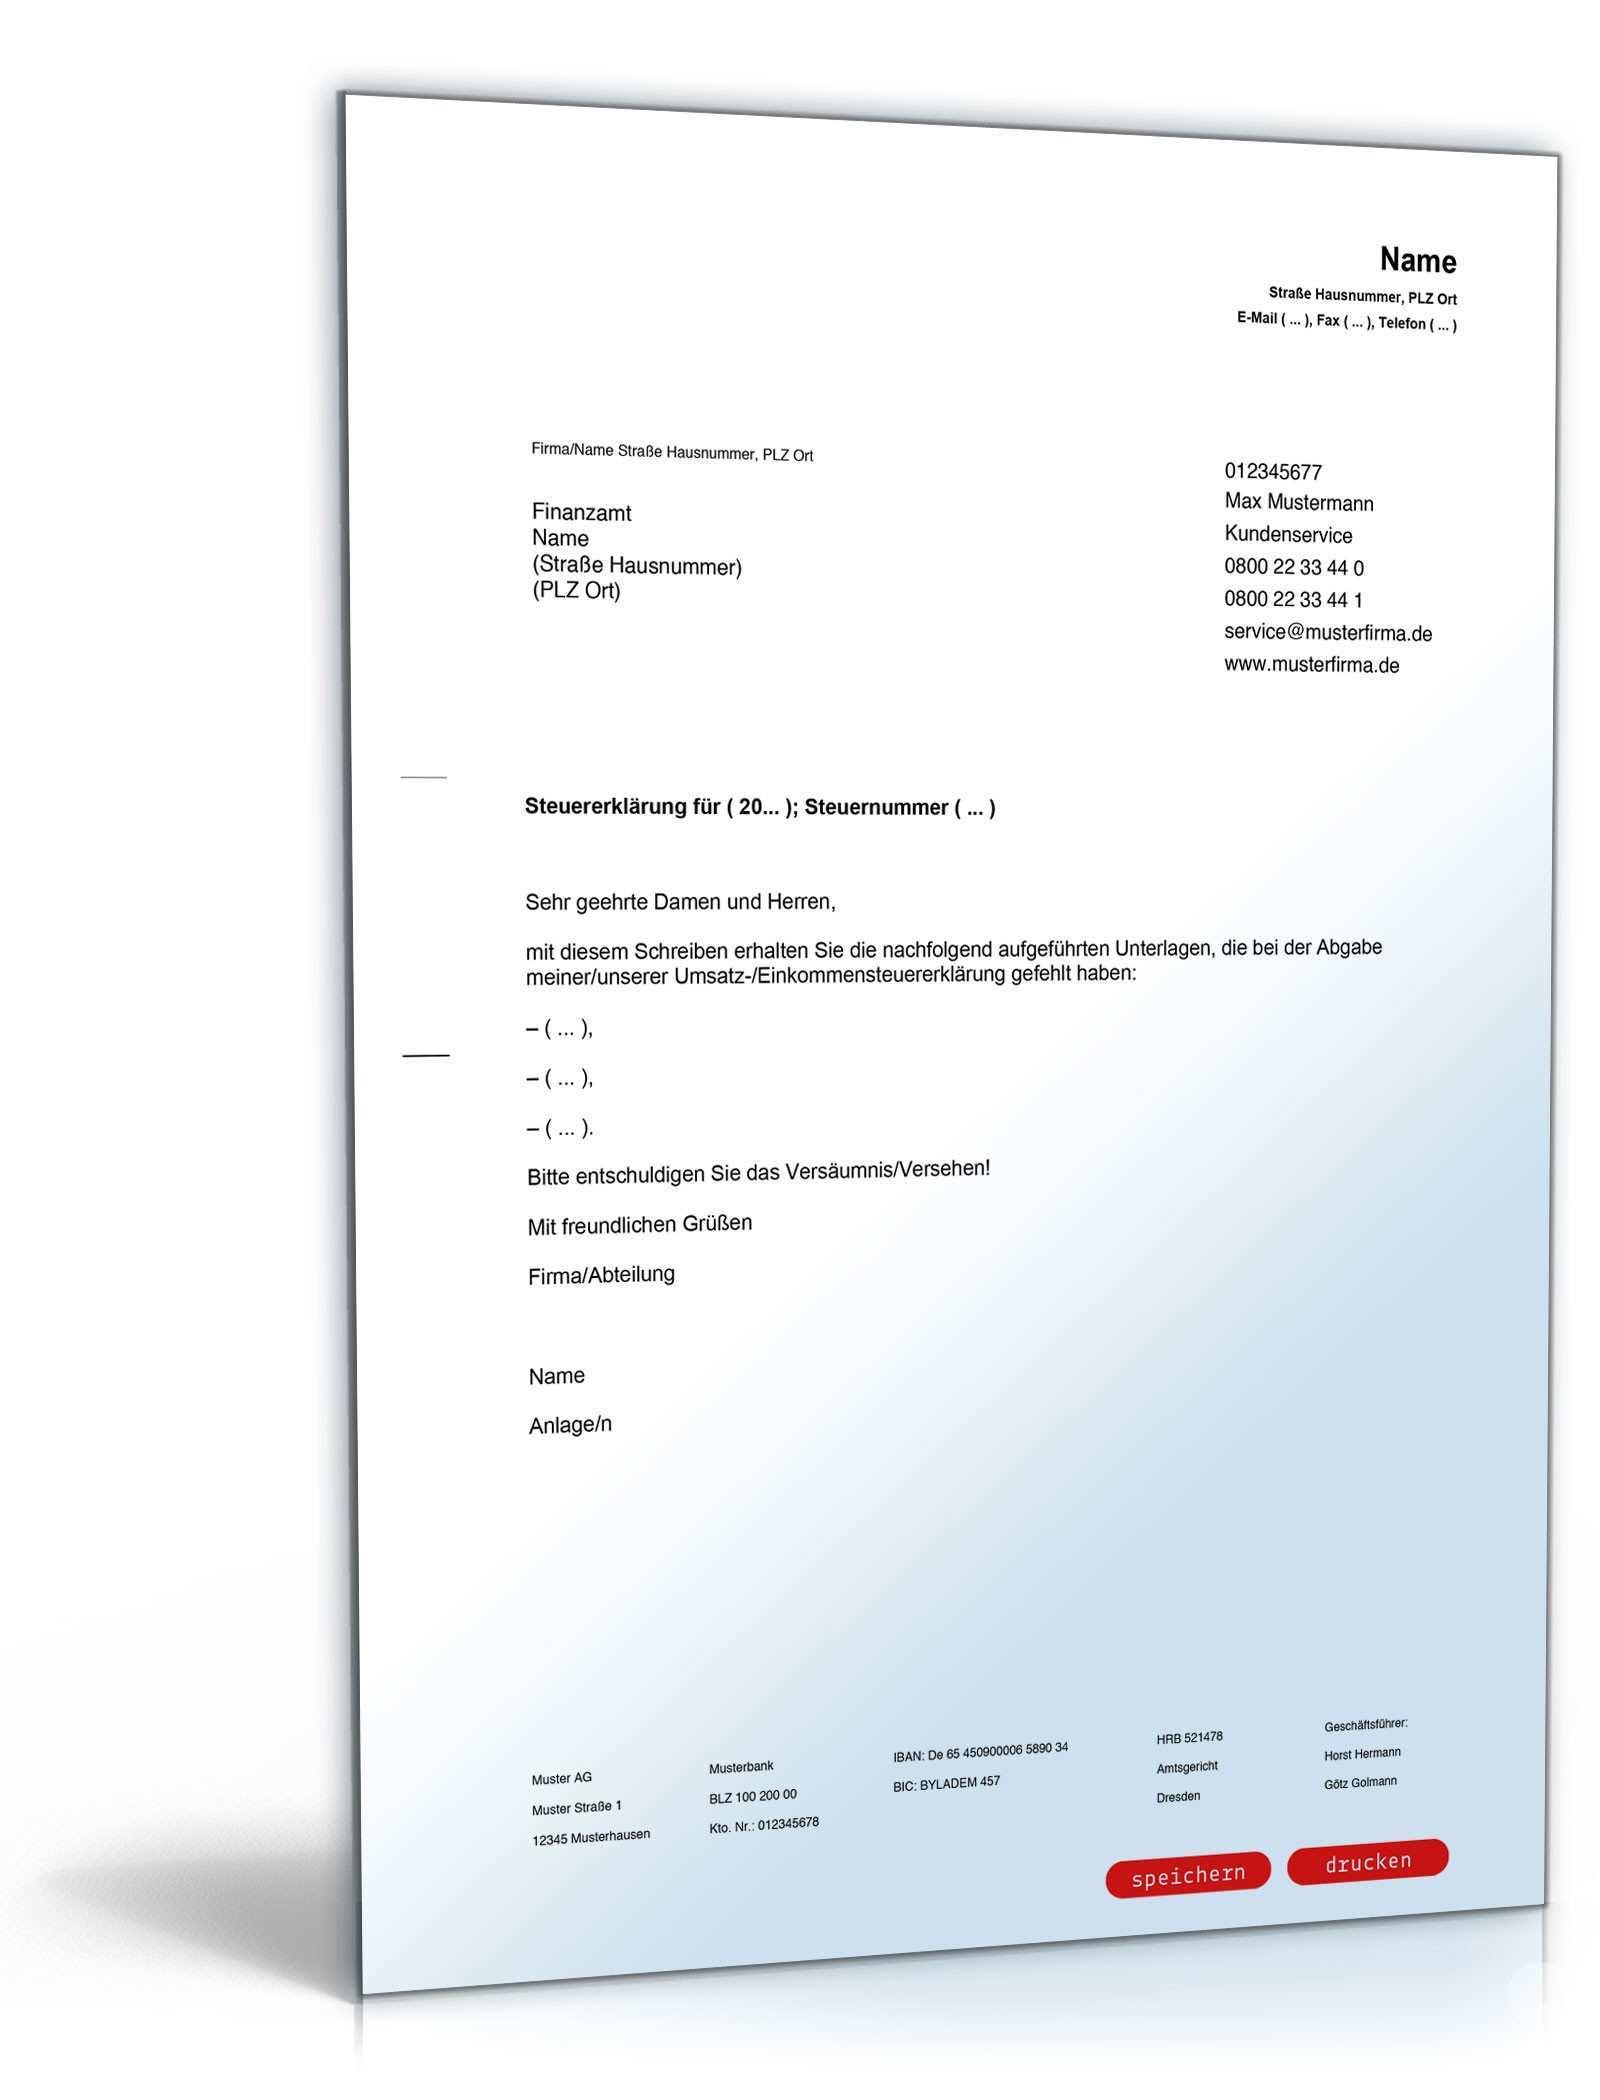 Begleitschreiben Zur Steuererklarung Vorlage Zum Download